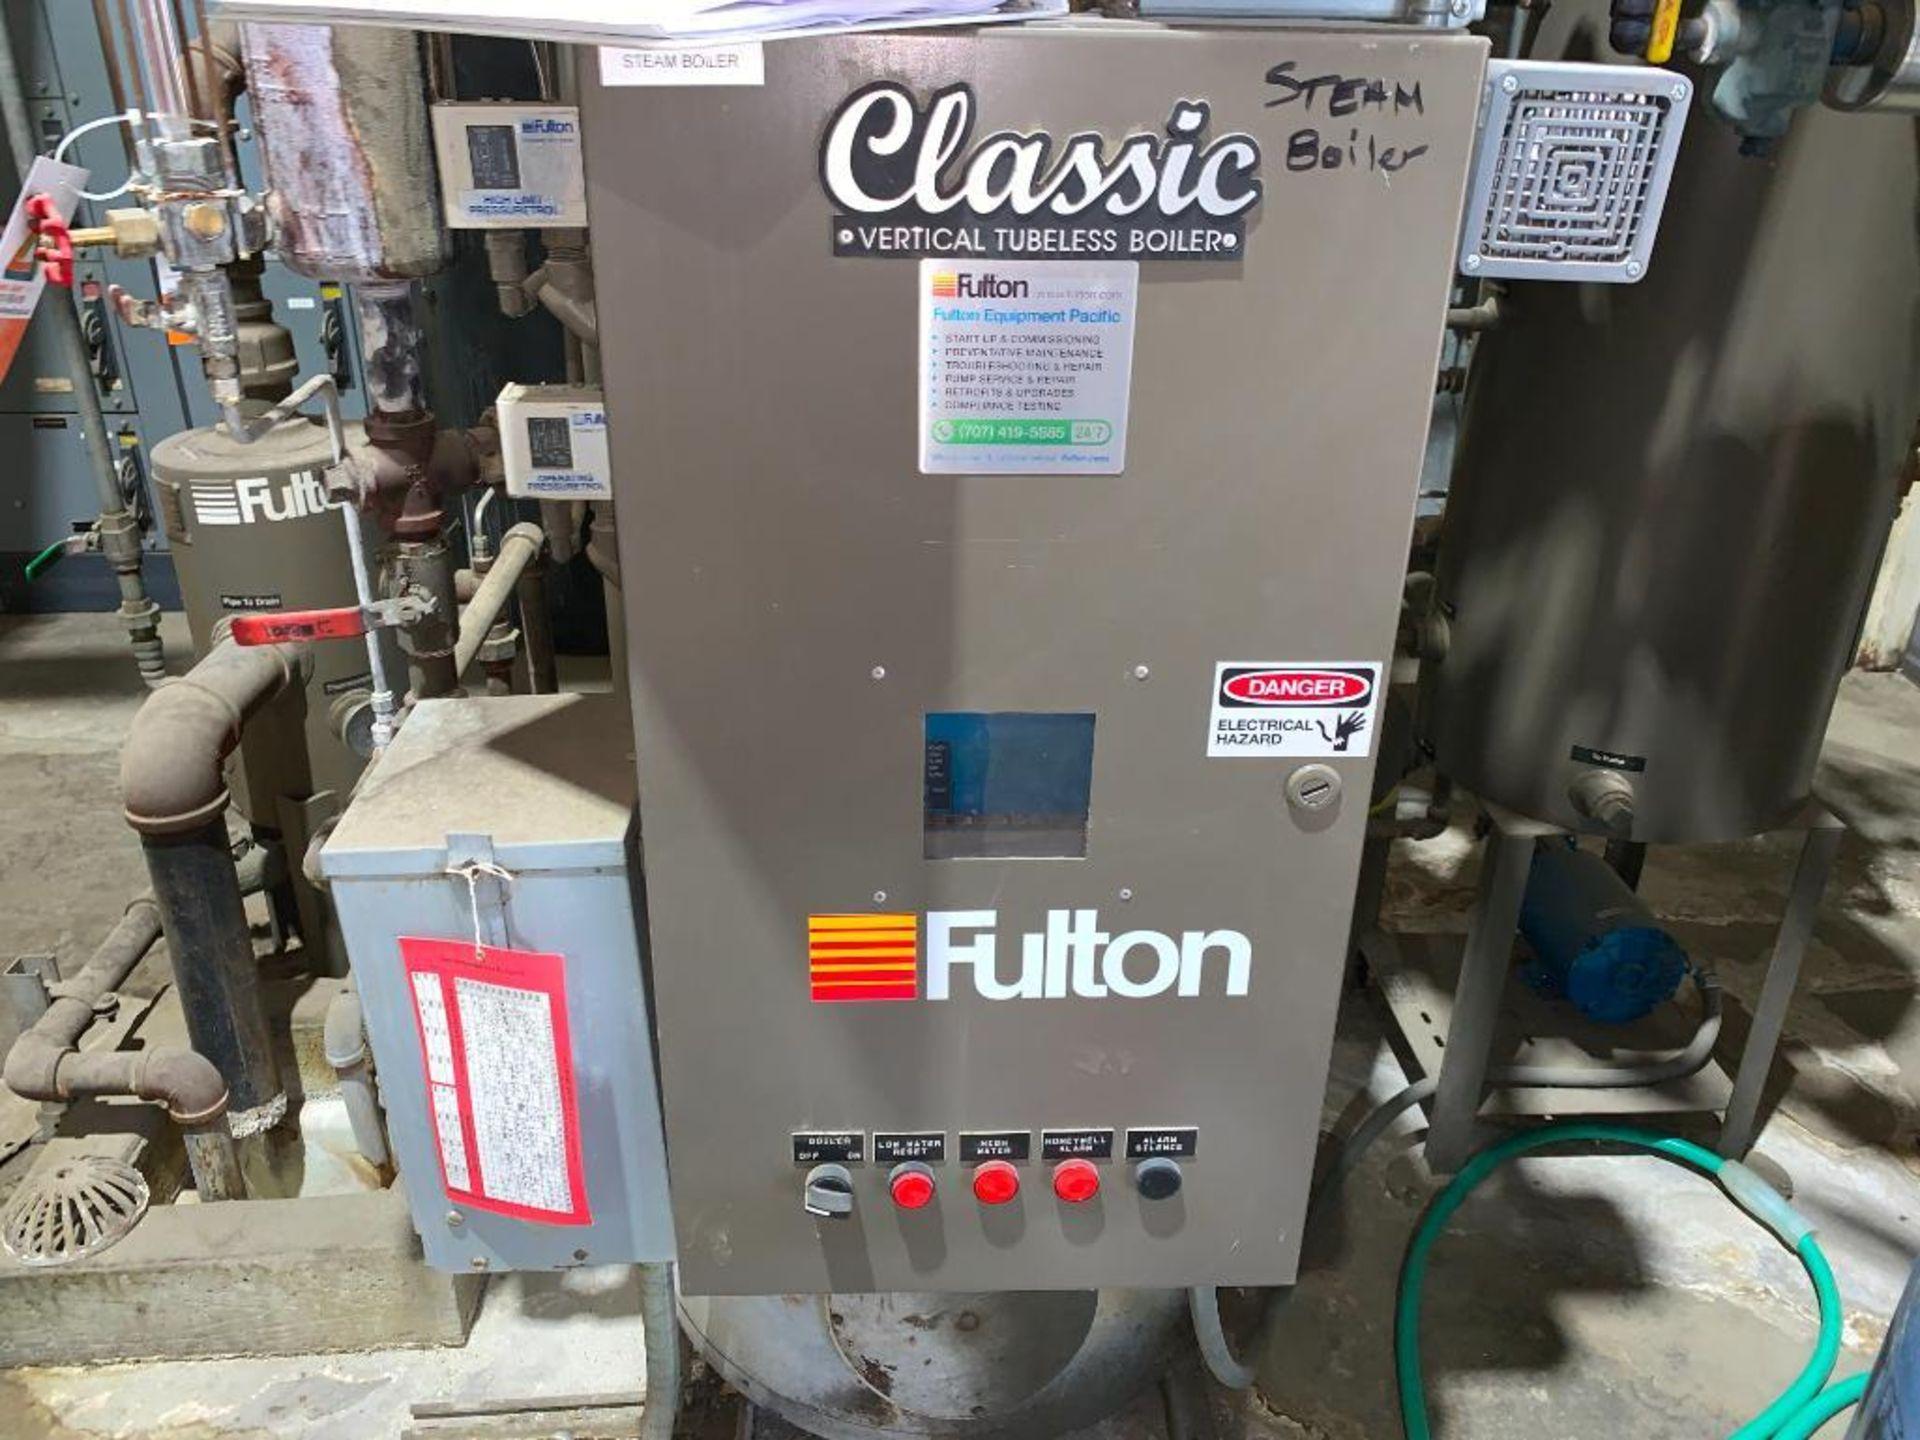 2014 Fulton steam boiler - Image 21 of 23